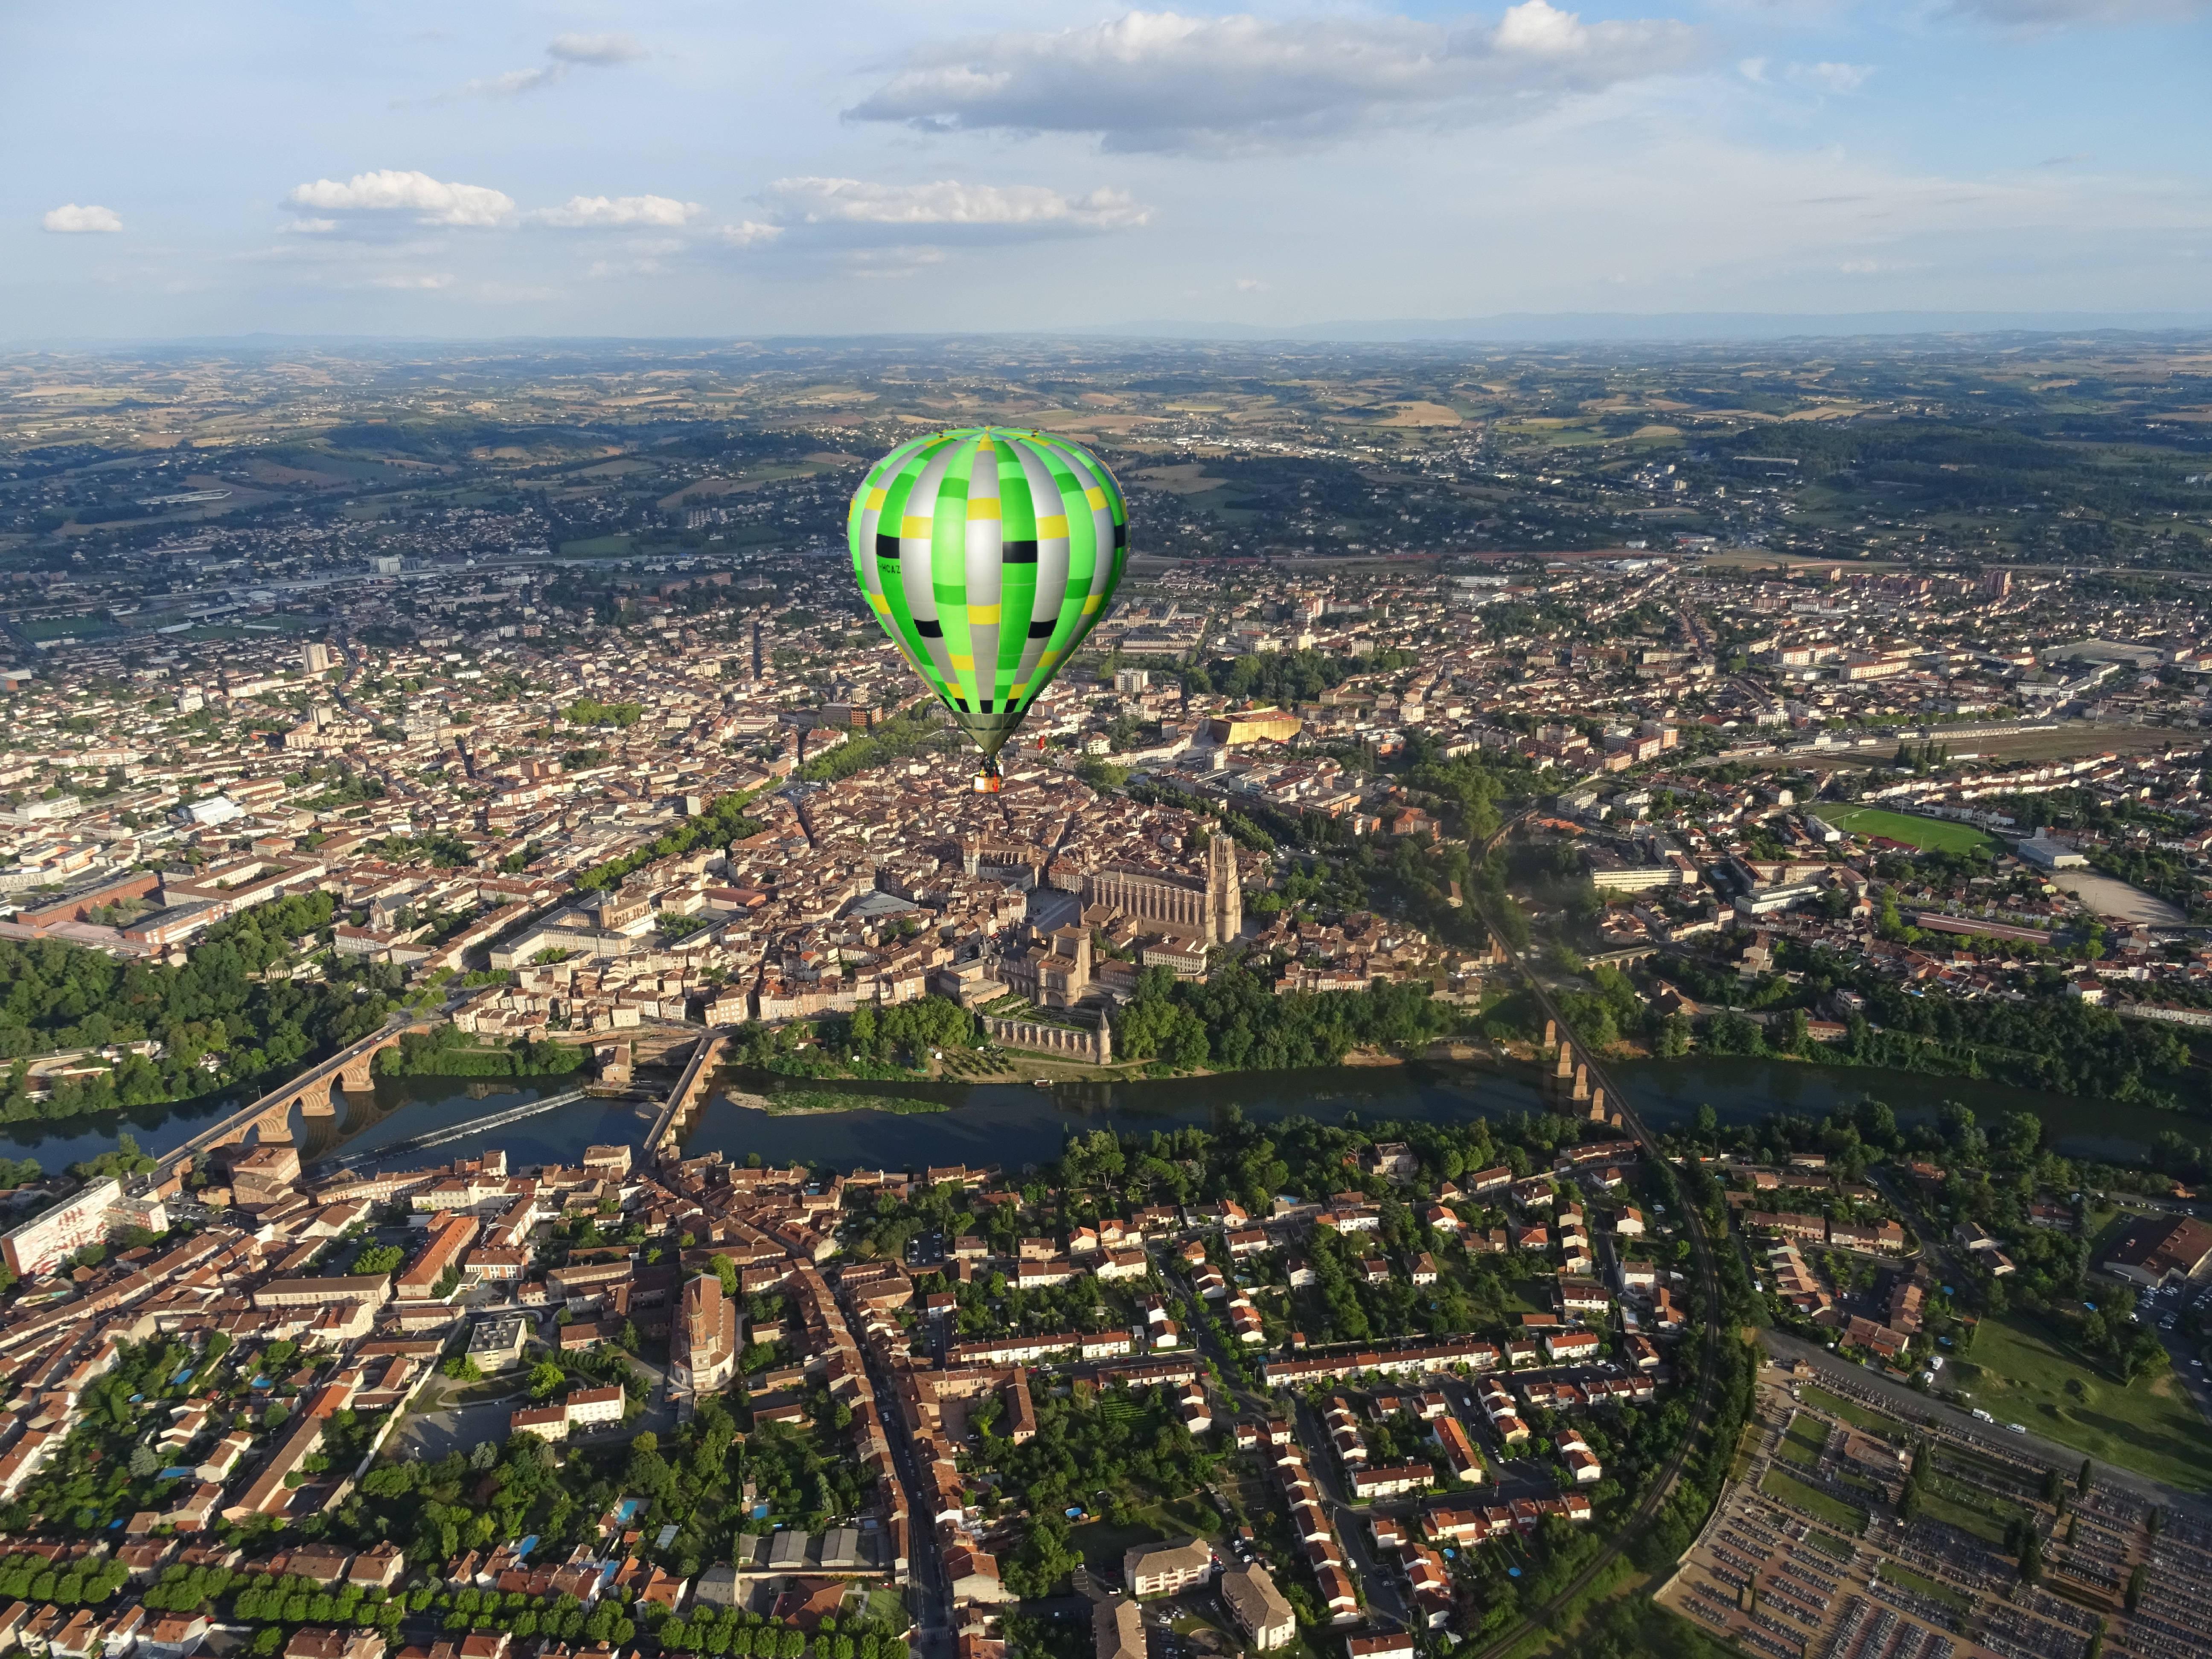 Traversée de la ville d'Albi en montgolfière